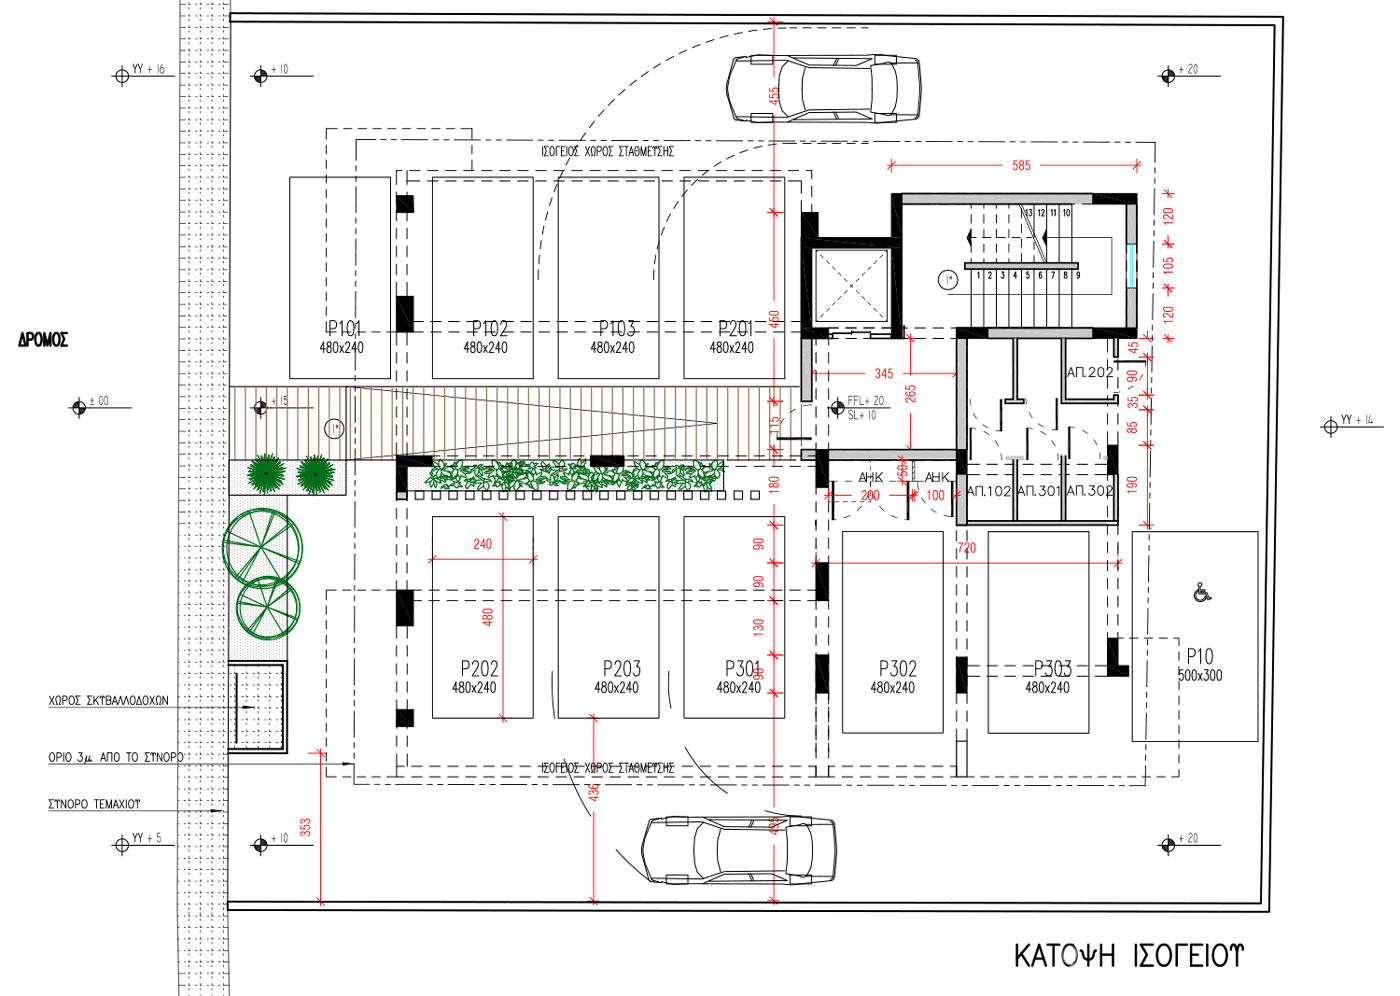 fc64-Katopsi-isogiou